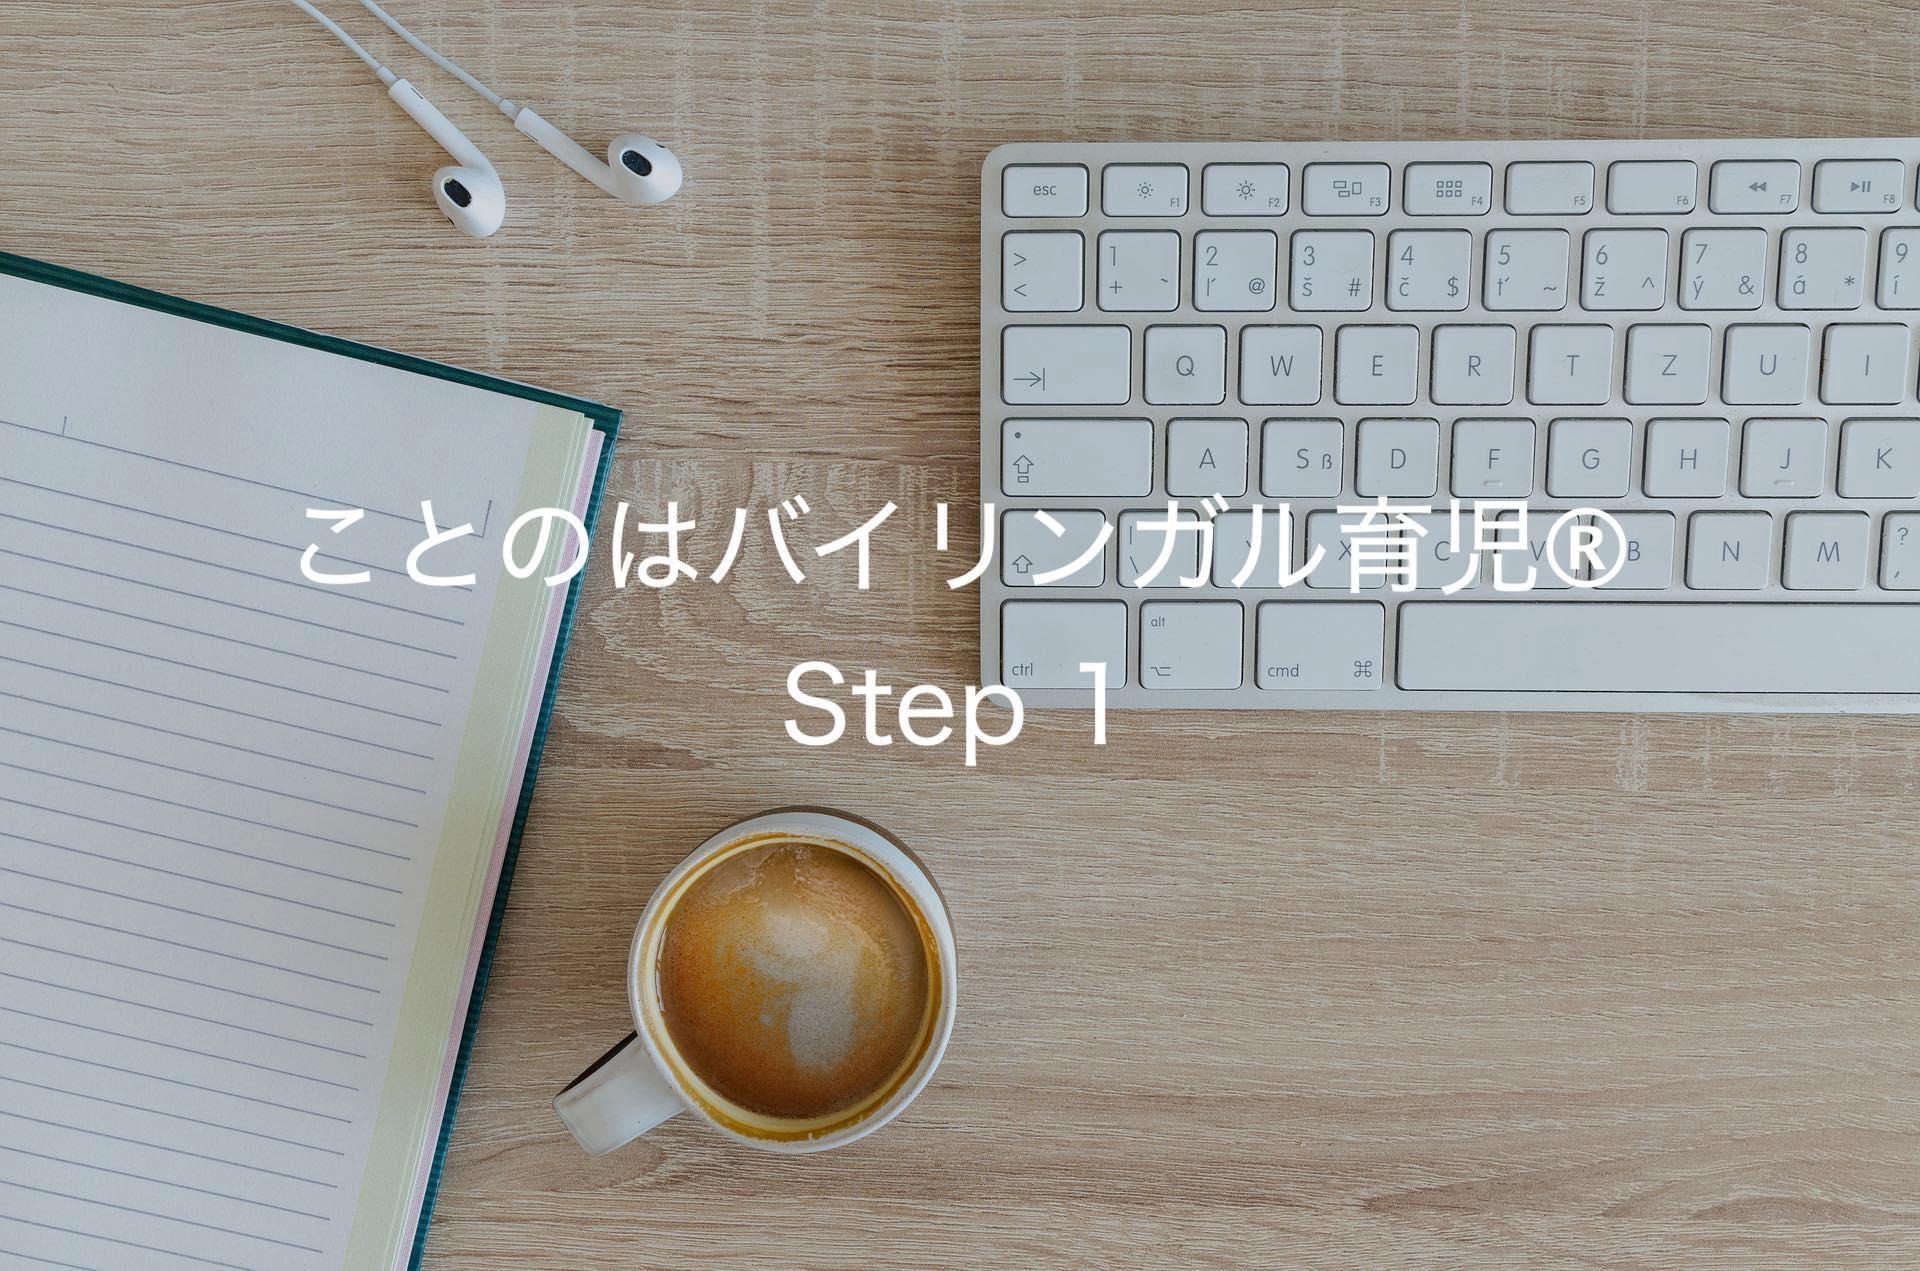 【次回2月1日募集開始予定】ことのはバイリンガル育児®︎基本の話・オンライン動画Step1